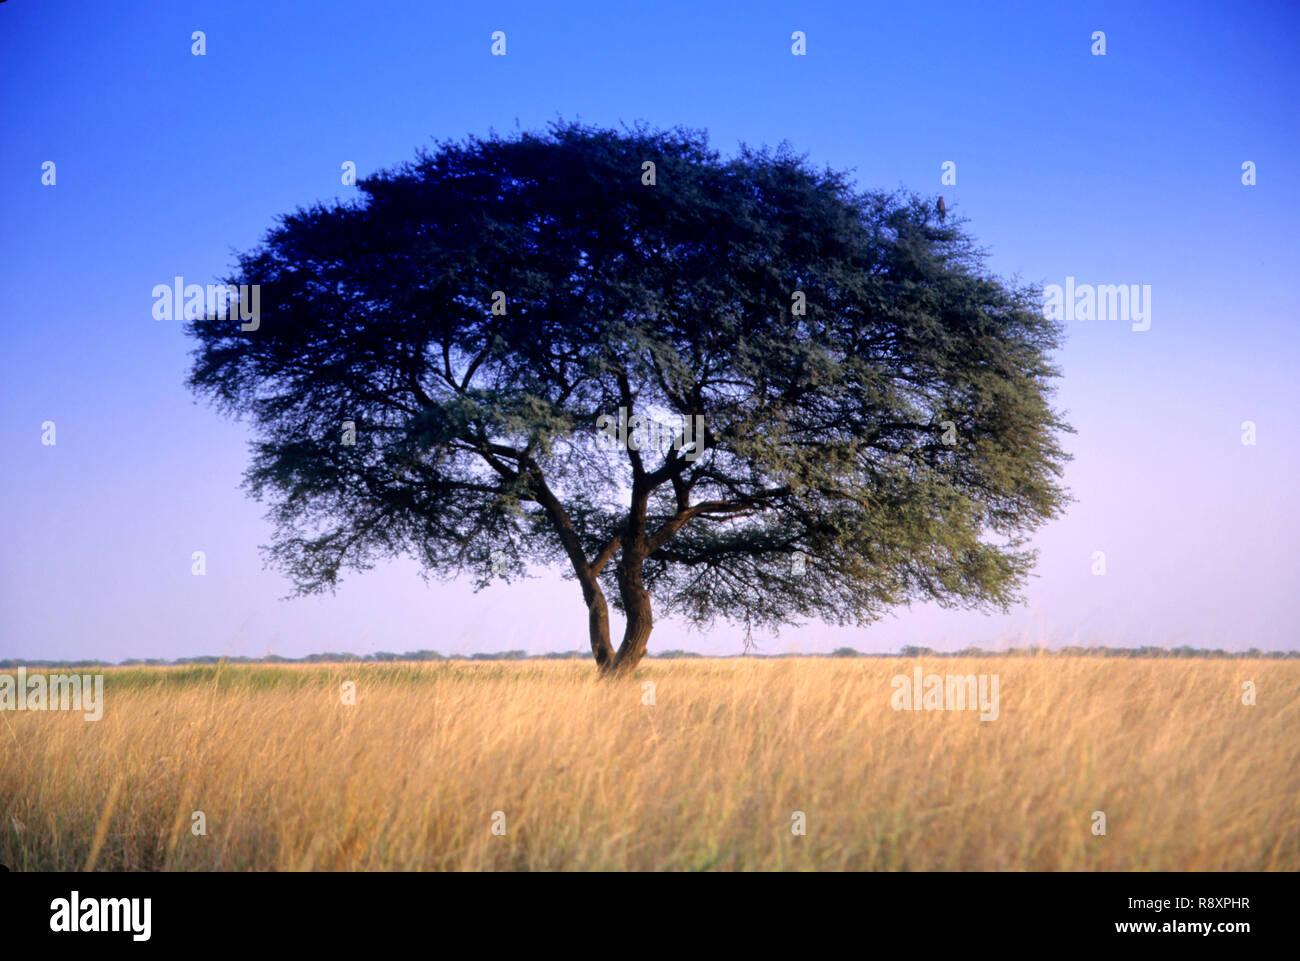 Single tree - Stock Image